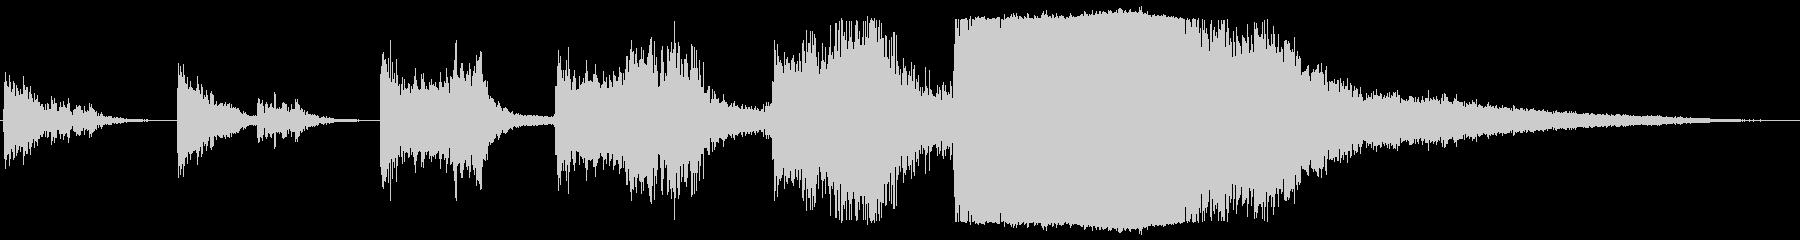 現代的 交響曲 バトル 焦り 緊張...の未再生の波形